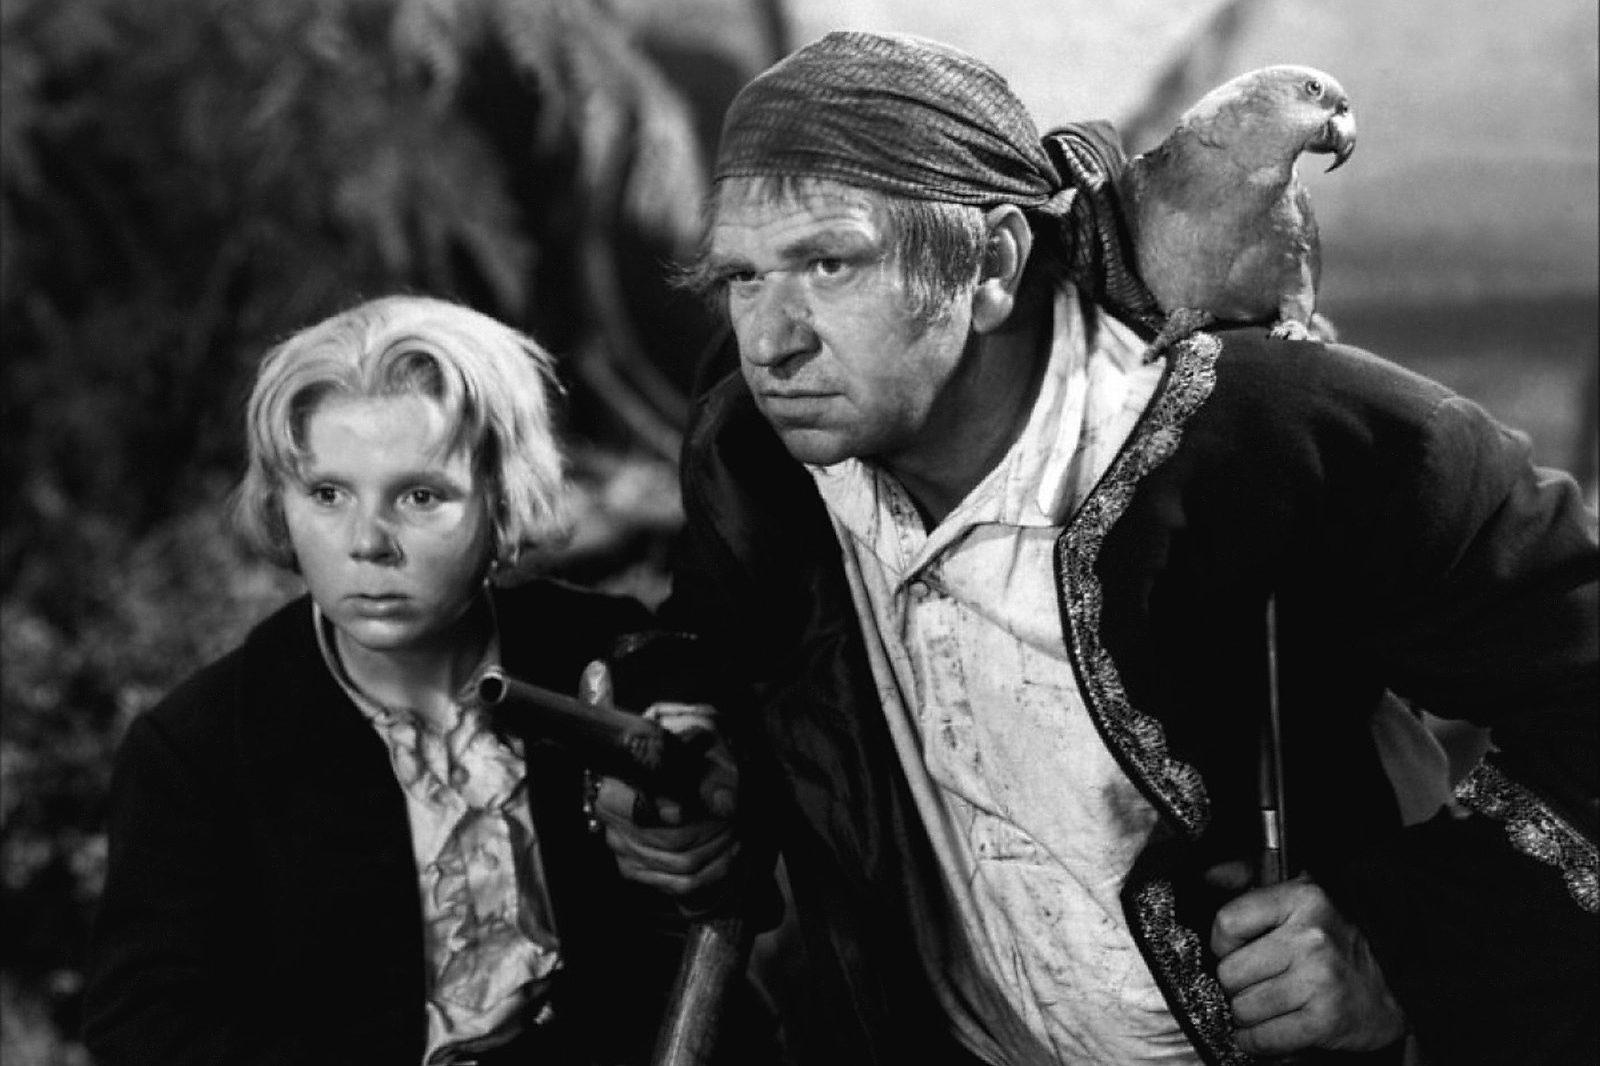 'La isla del tesoro' (1934)